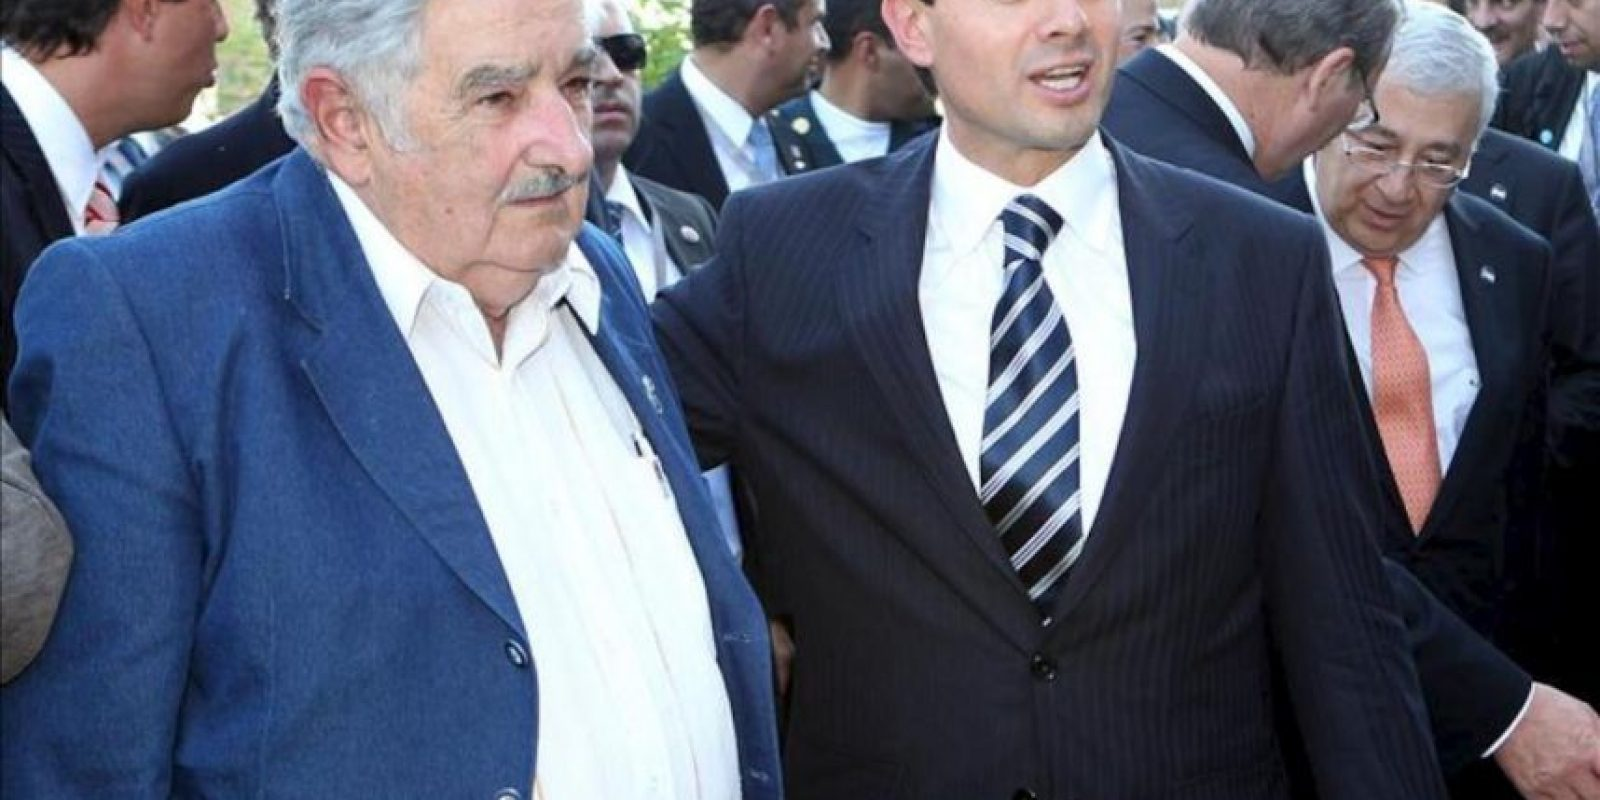 El presidente de México, Enrique Peña Nieto (d), junto a su par uruguayo, José Mujica (i), visitan el Laboratorio Tecnológico del Uruguay para conocer detalles del Plan Ceibal de una computadora portátil para cada escolar. EFE